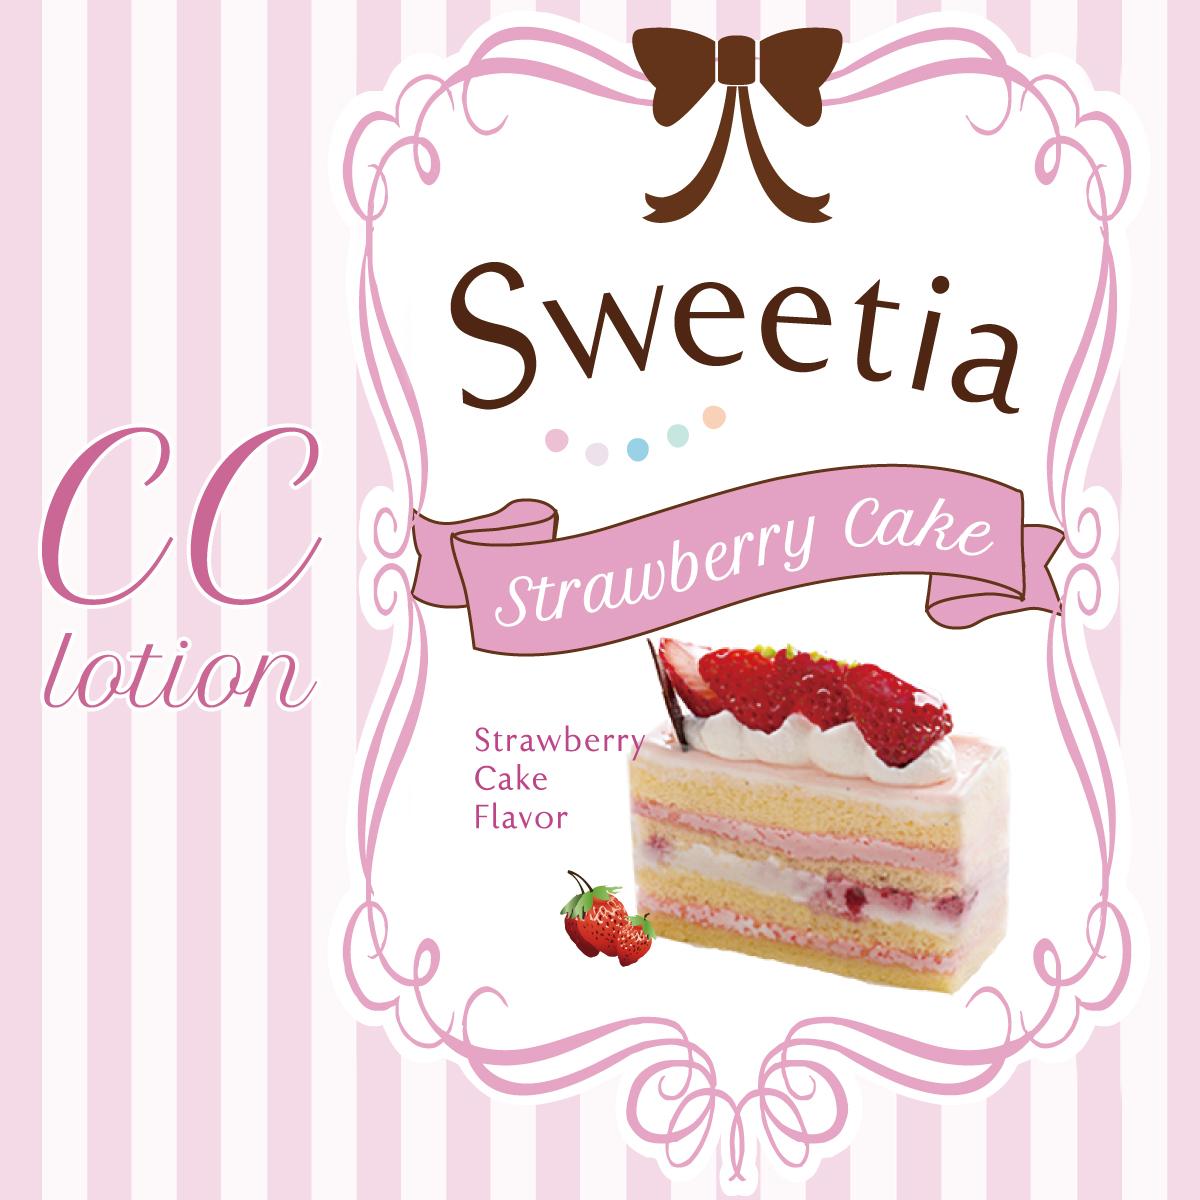 딸기 케이크 POP 이미지